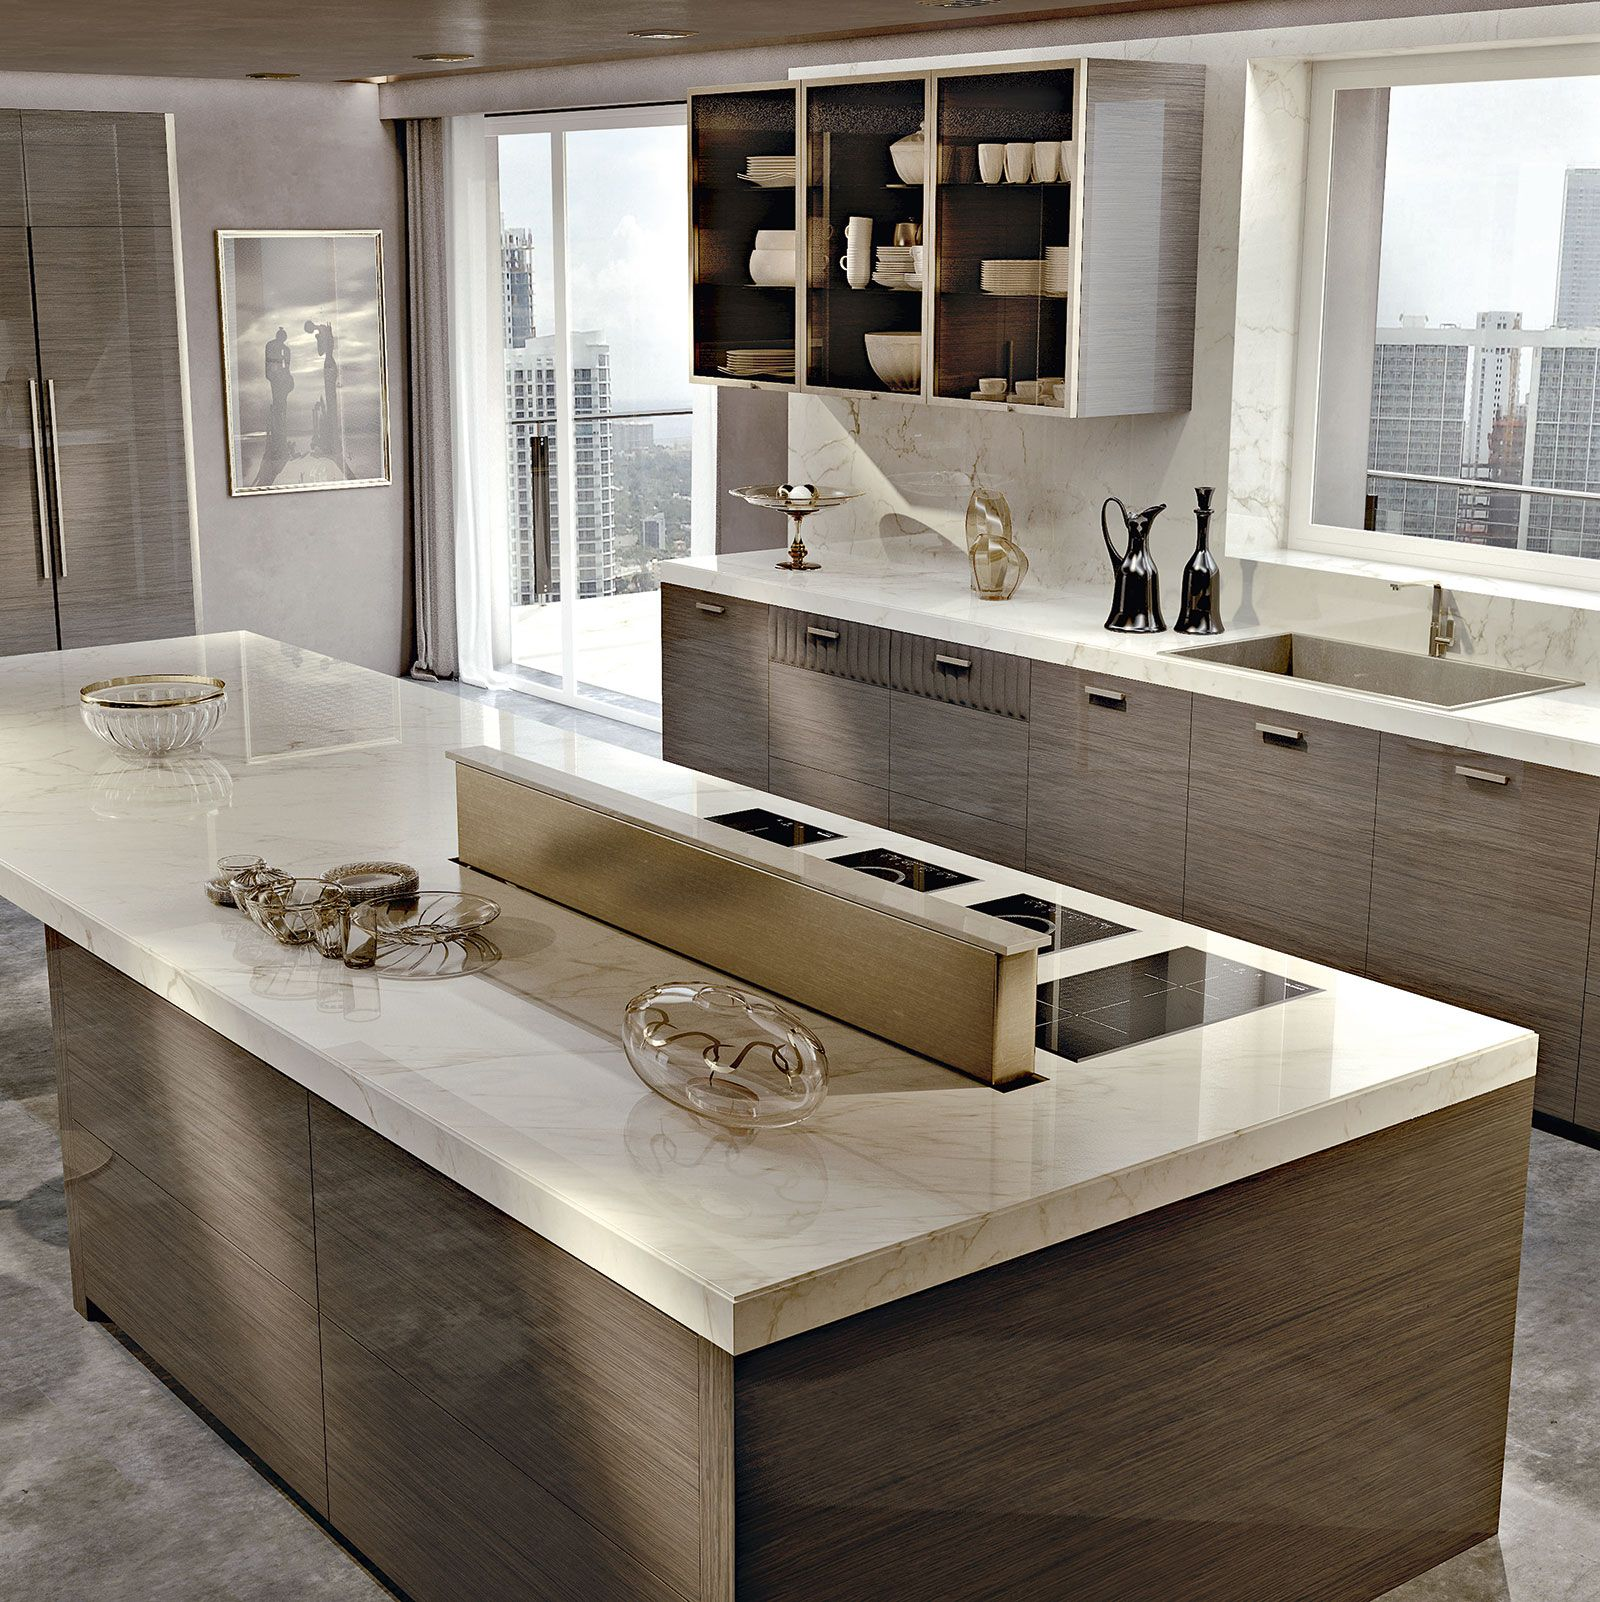 Daytona arredamento contemporaneo moderno di lusso e for Arredi di lusso casa